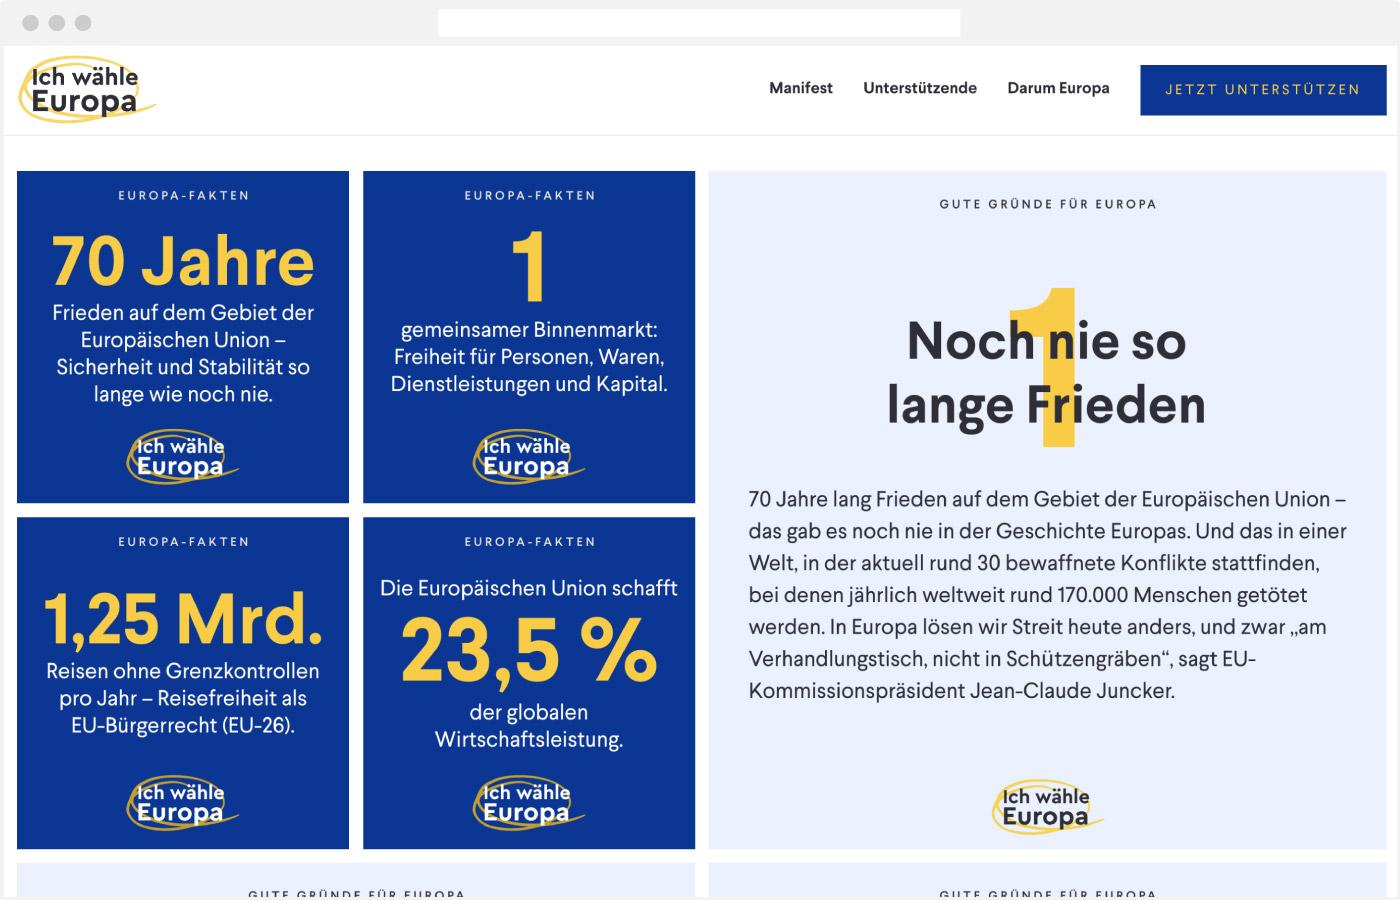 Website Ich wähle Europa – Sharing Elemente